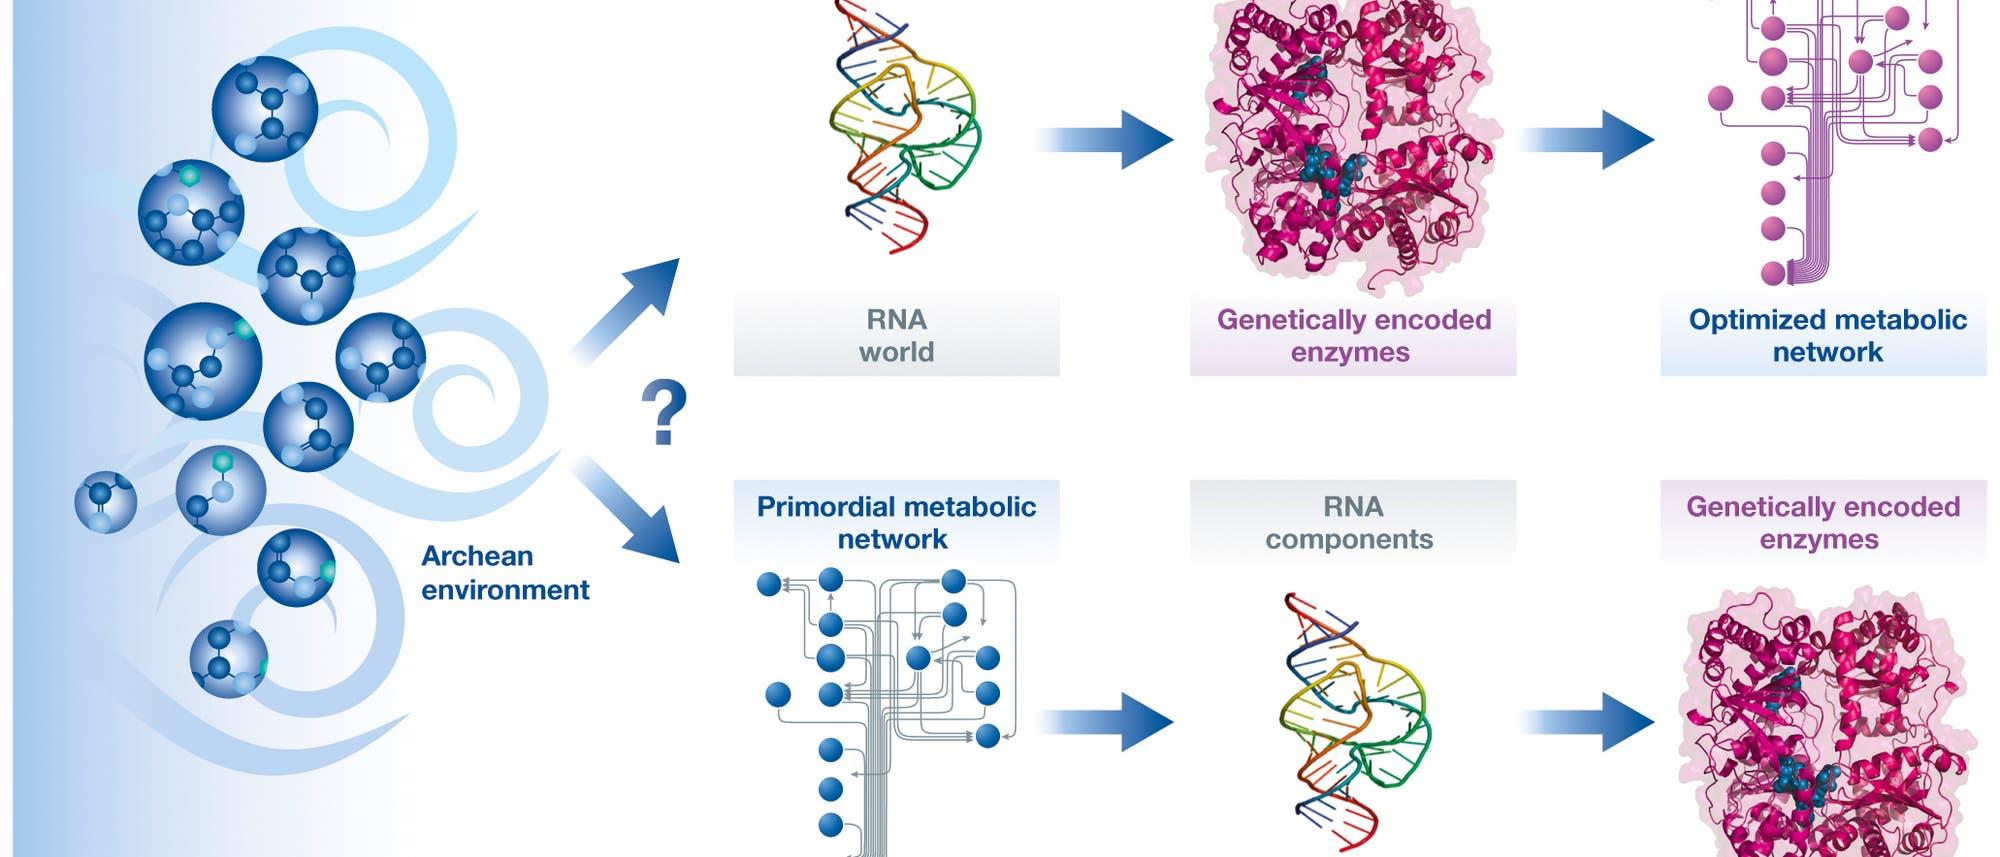 Henne Stoffwechselweg oder Ei RNA?